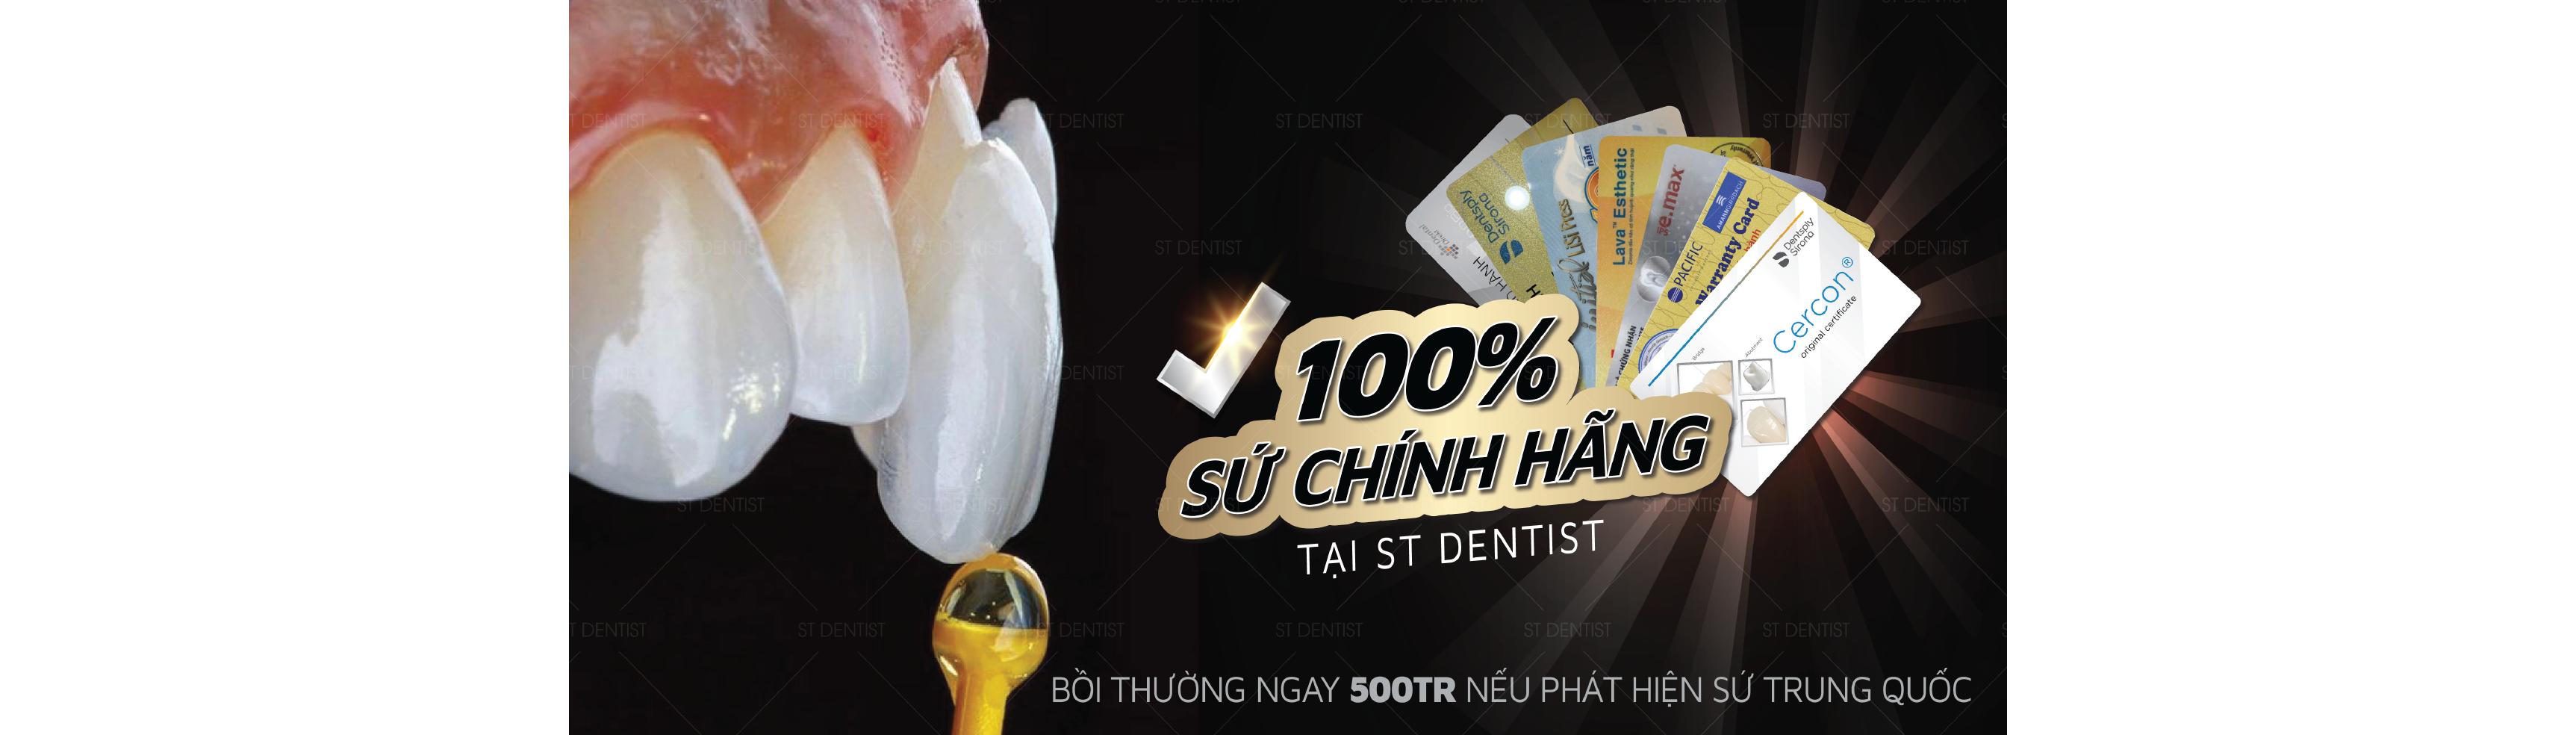 Răng sứ chính hãng